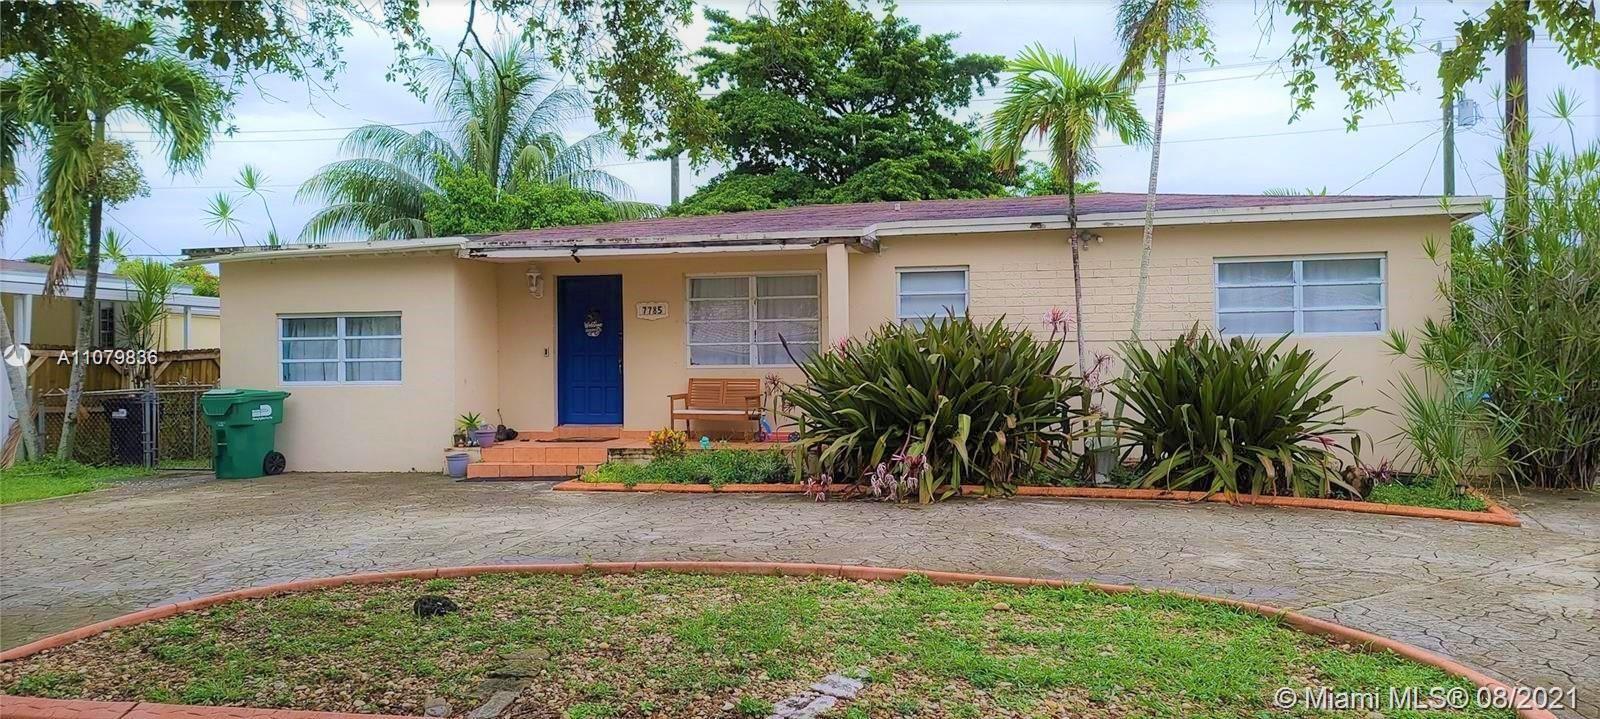 7785 SW 36th St, Miami, FL 33155 - #: A11079836